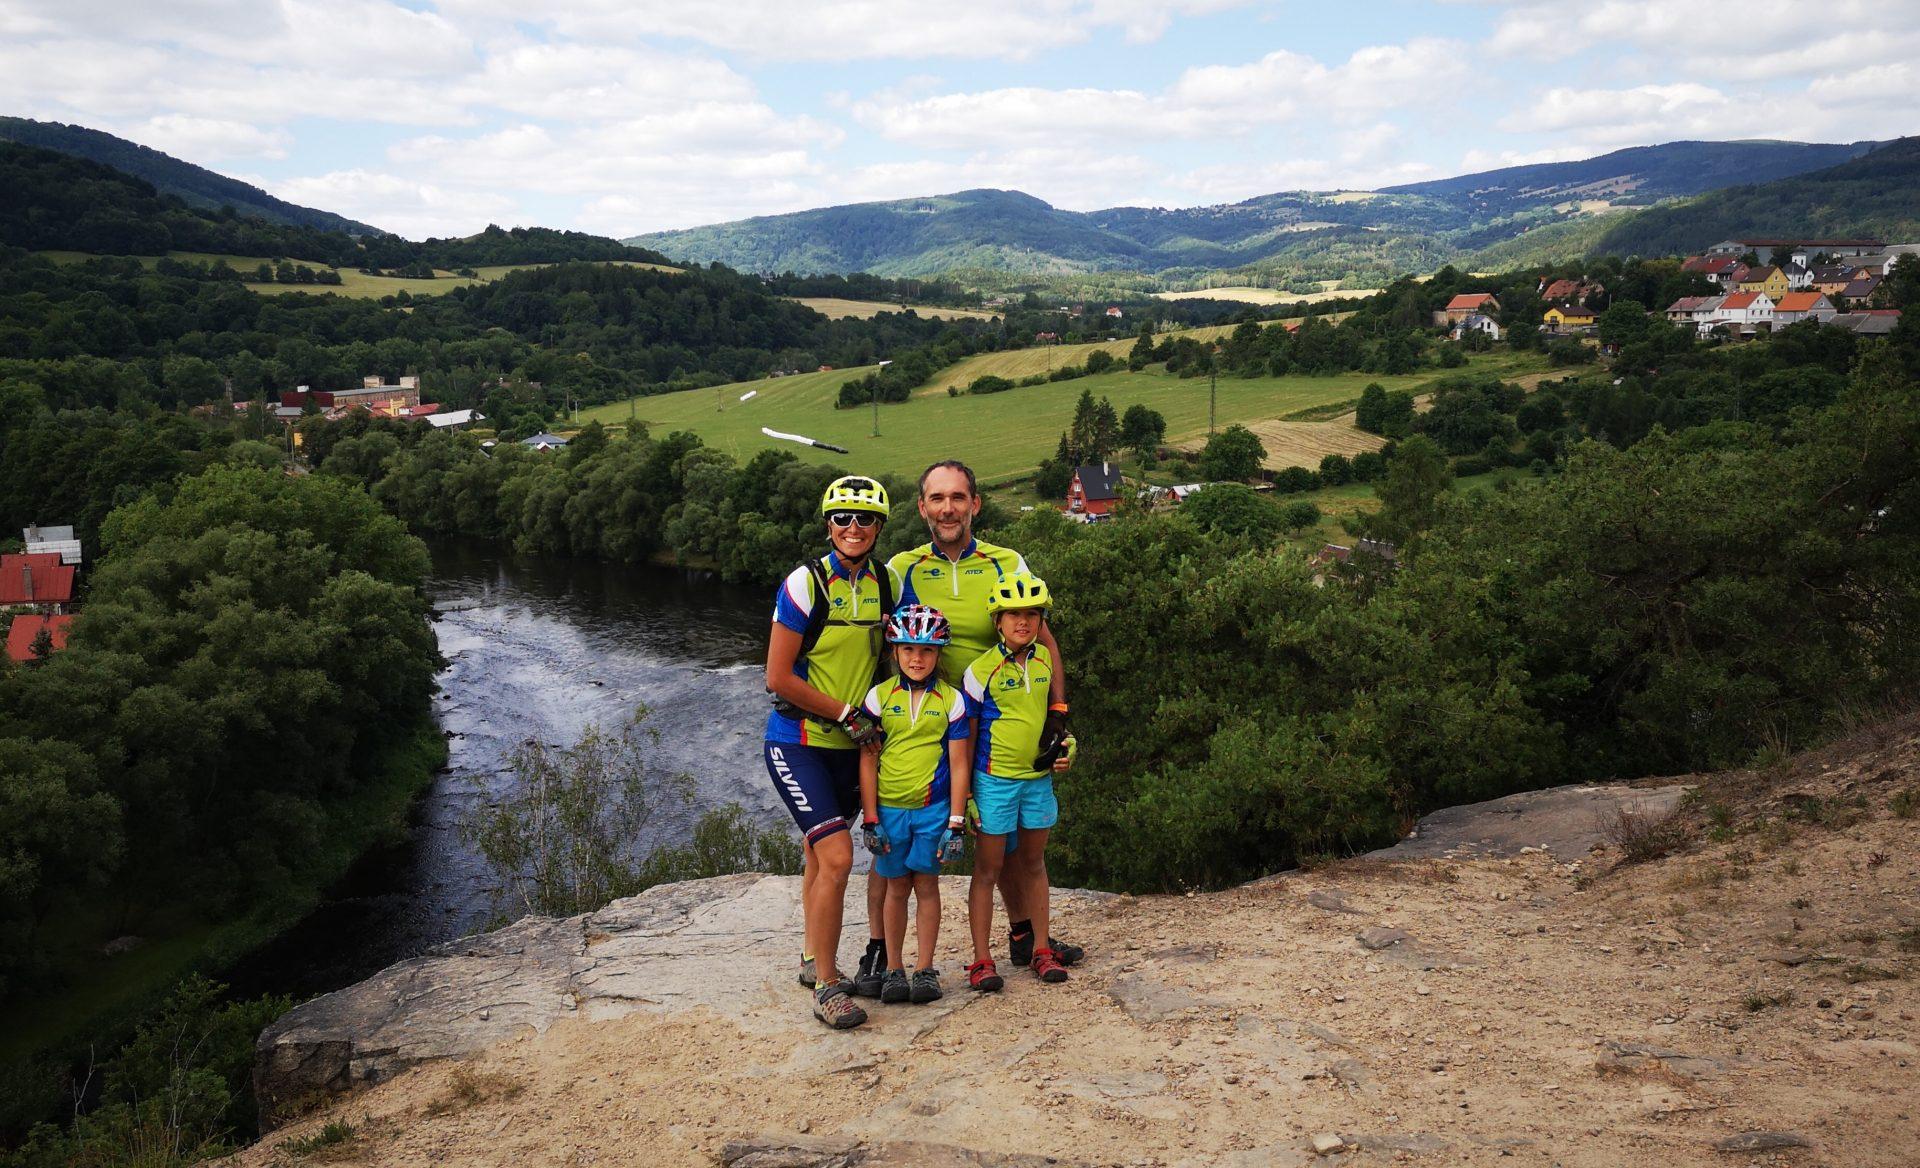 Rodina Urválkova, aneb jasný důkaz, že i s malými dětmi lze absolvovat dovolenou na kole.